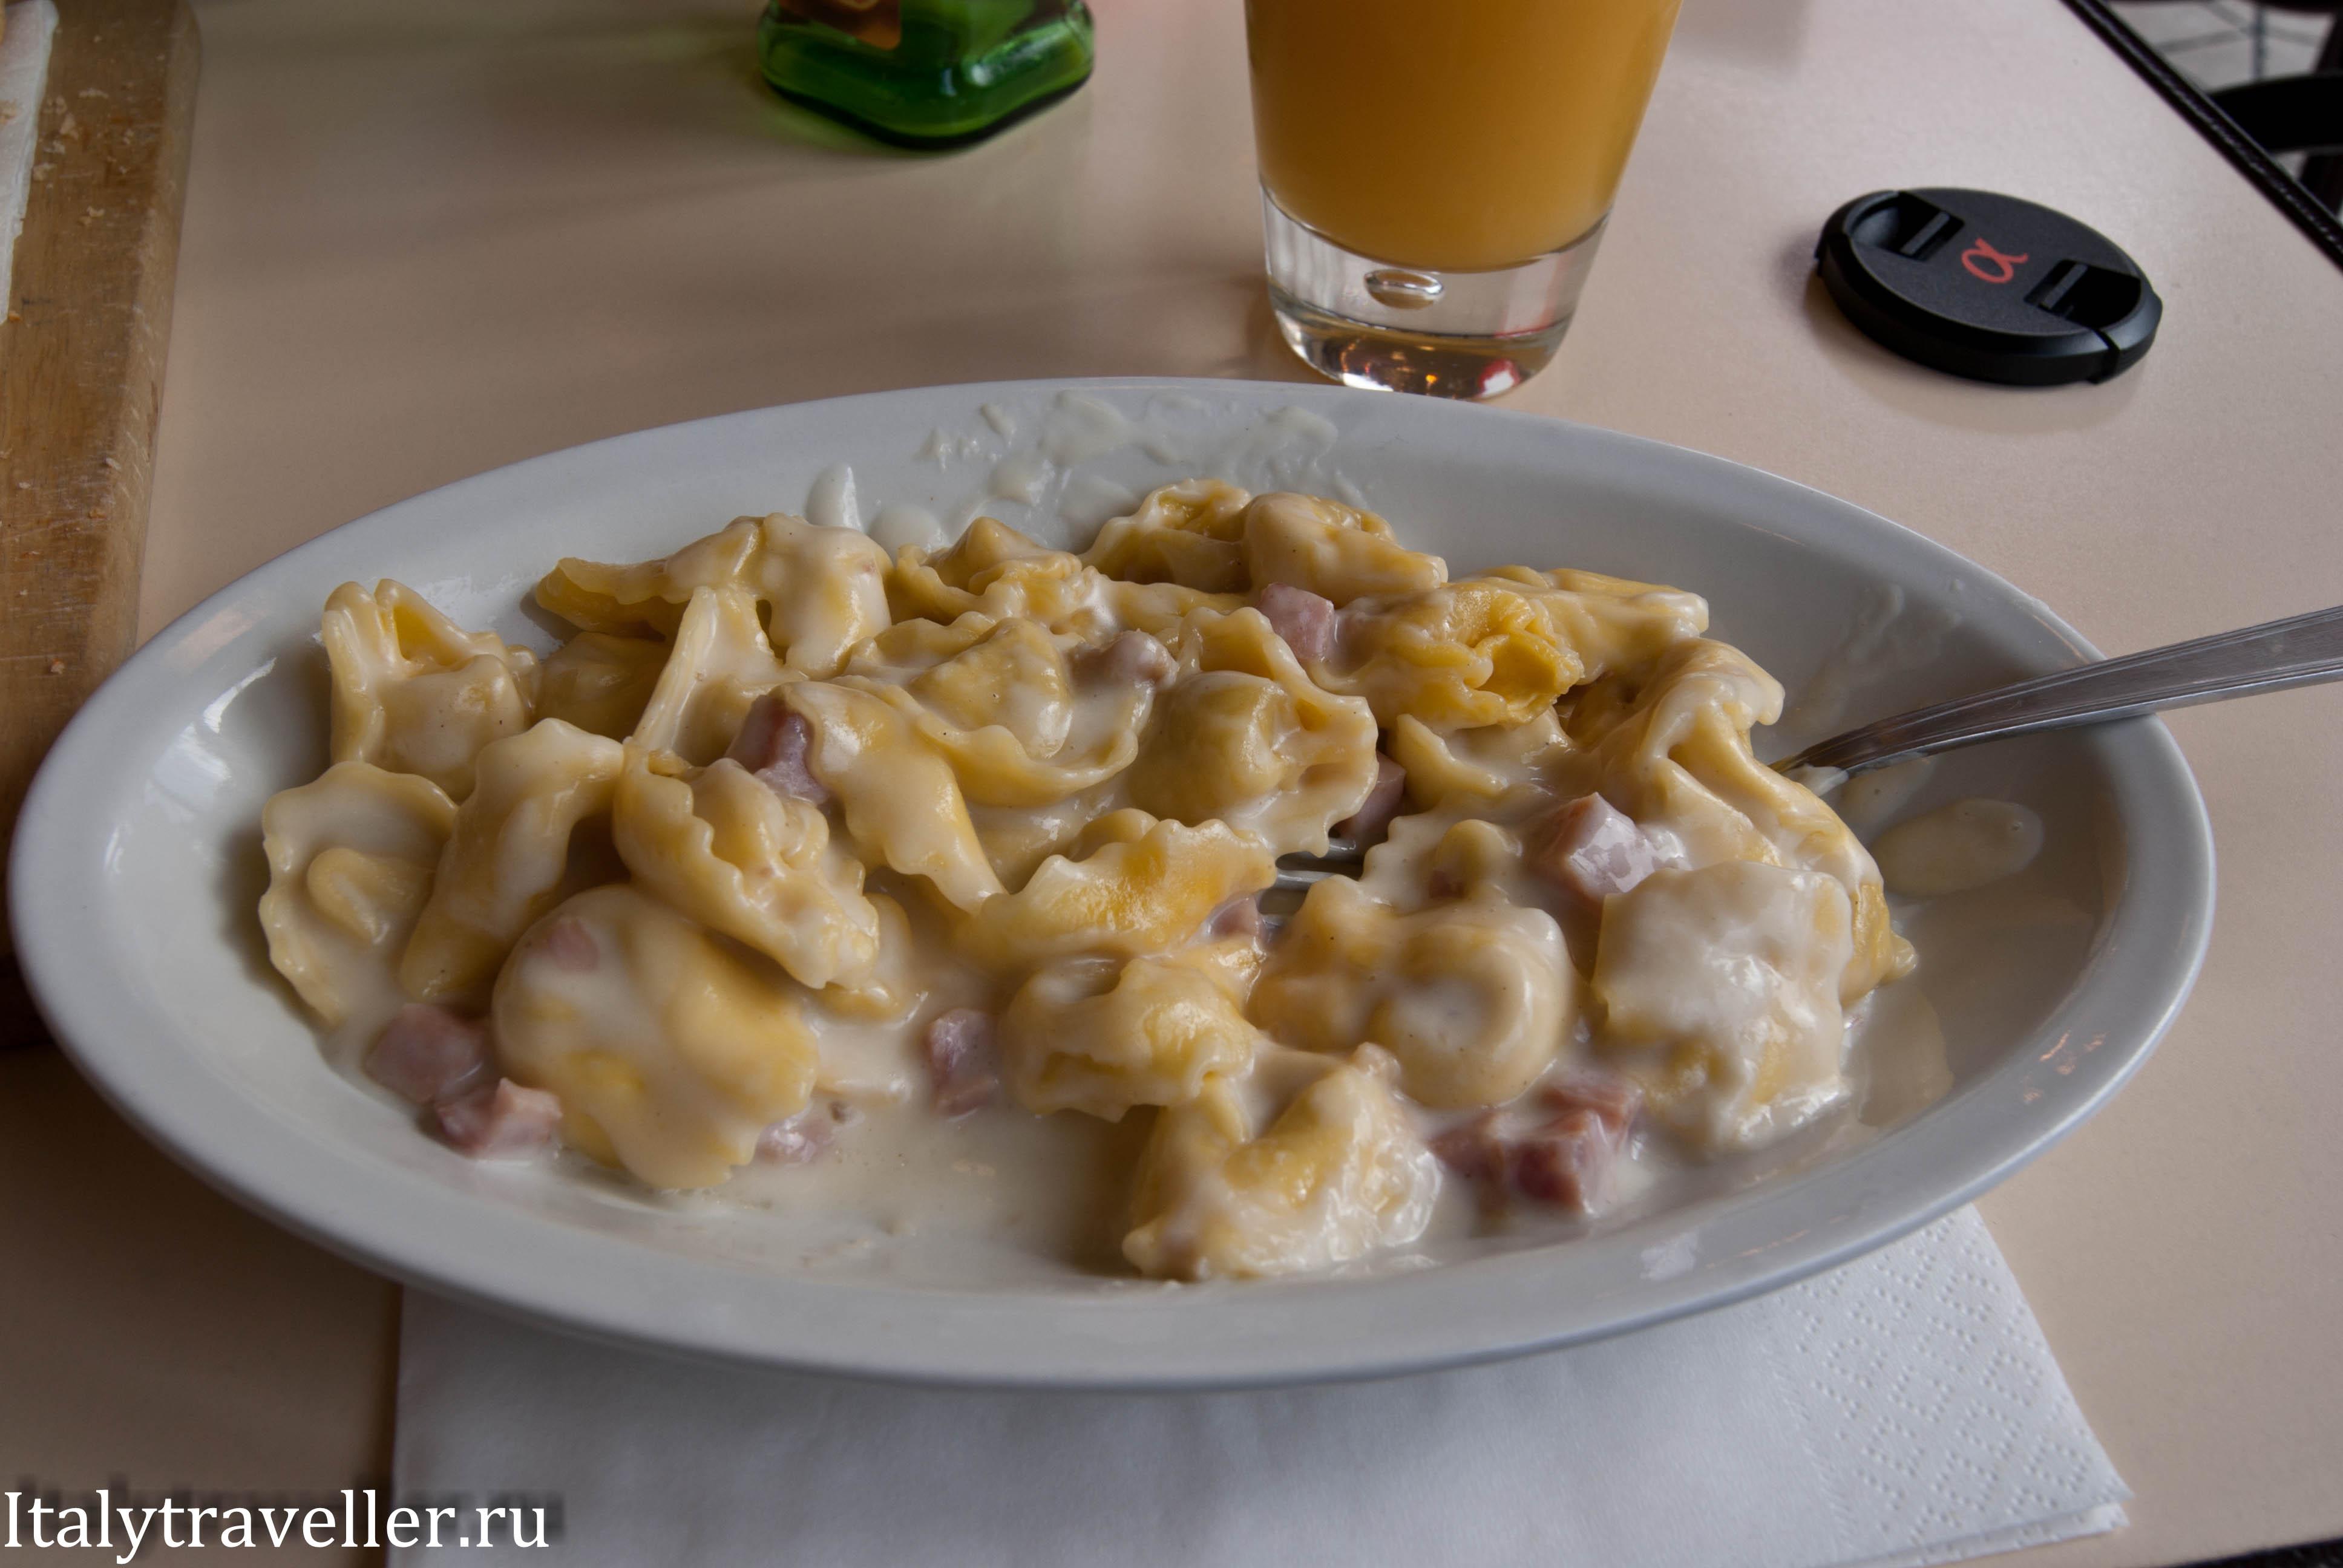 Сколько стоит поесть в Италии в кафе и цены на продукты в магазине